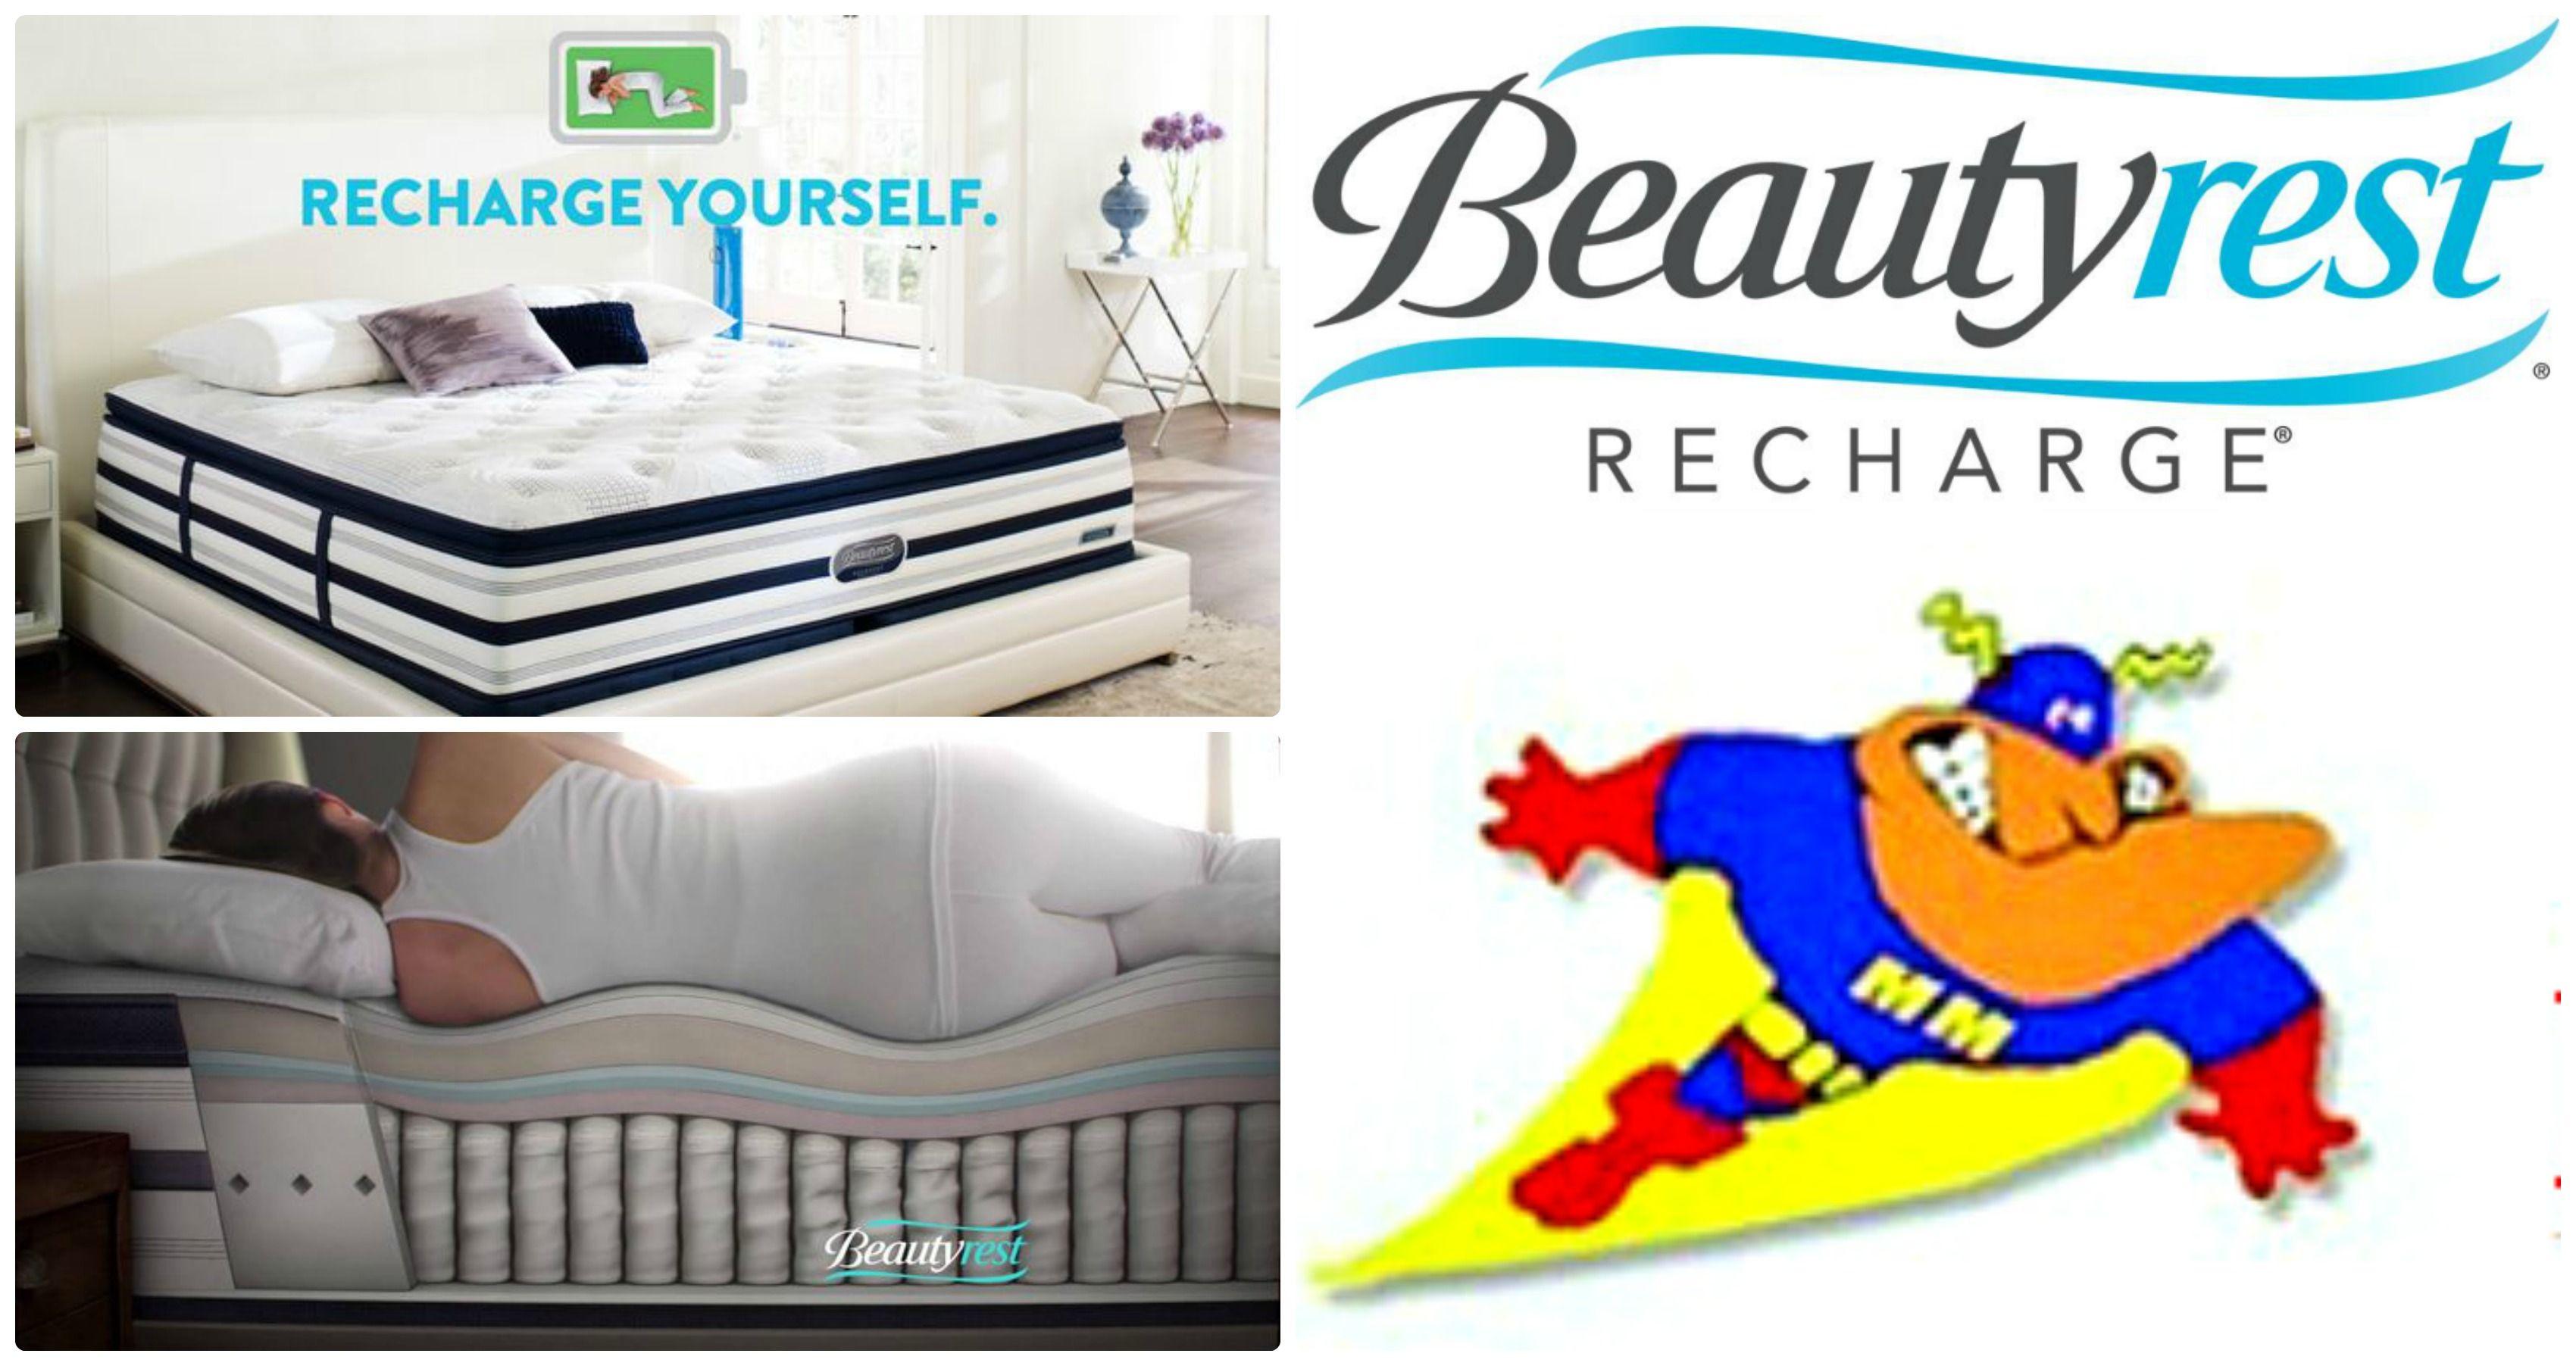 Simmons Bueatyrest Recharge Mattress Sandiegomattressman Com San Diego Mattress Delivery Mattress Delivery Affordable Mattress Toddler Bed